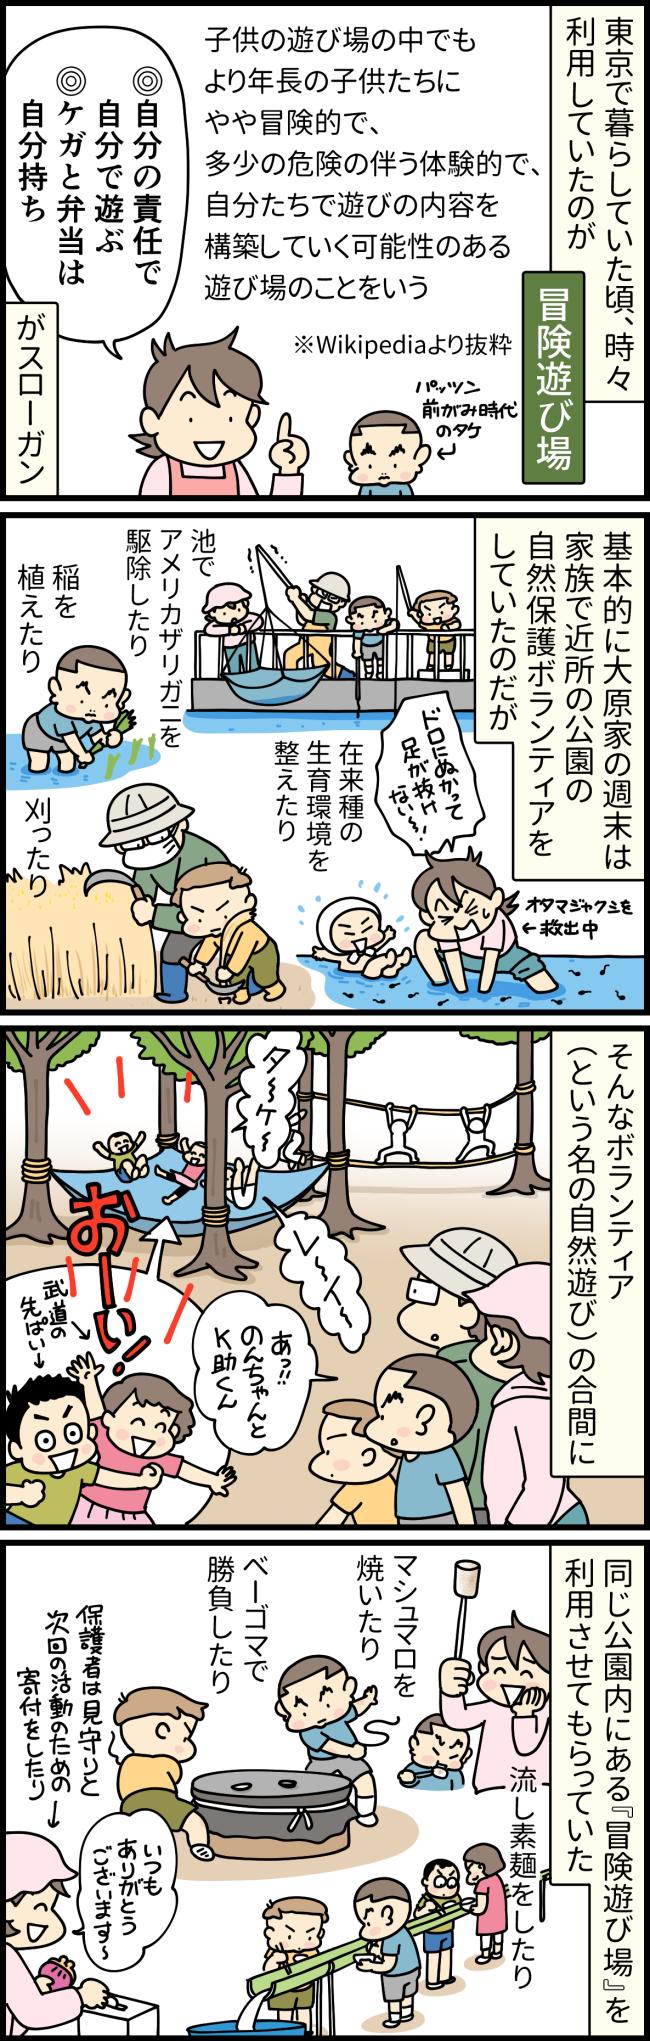 近所の公園でボランティア活動や冒険遊び場に参加する東京在住時代の大原由軌子とその家族